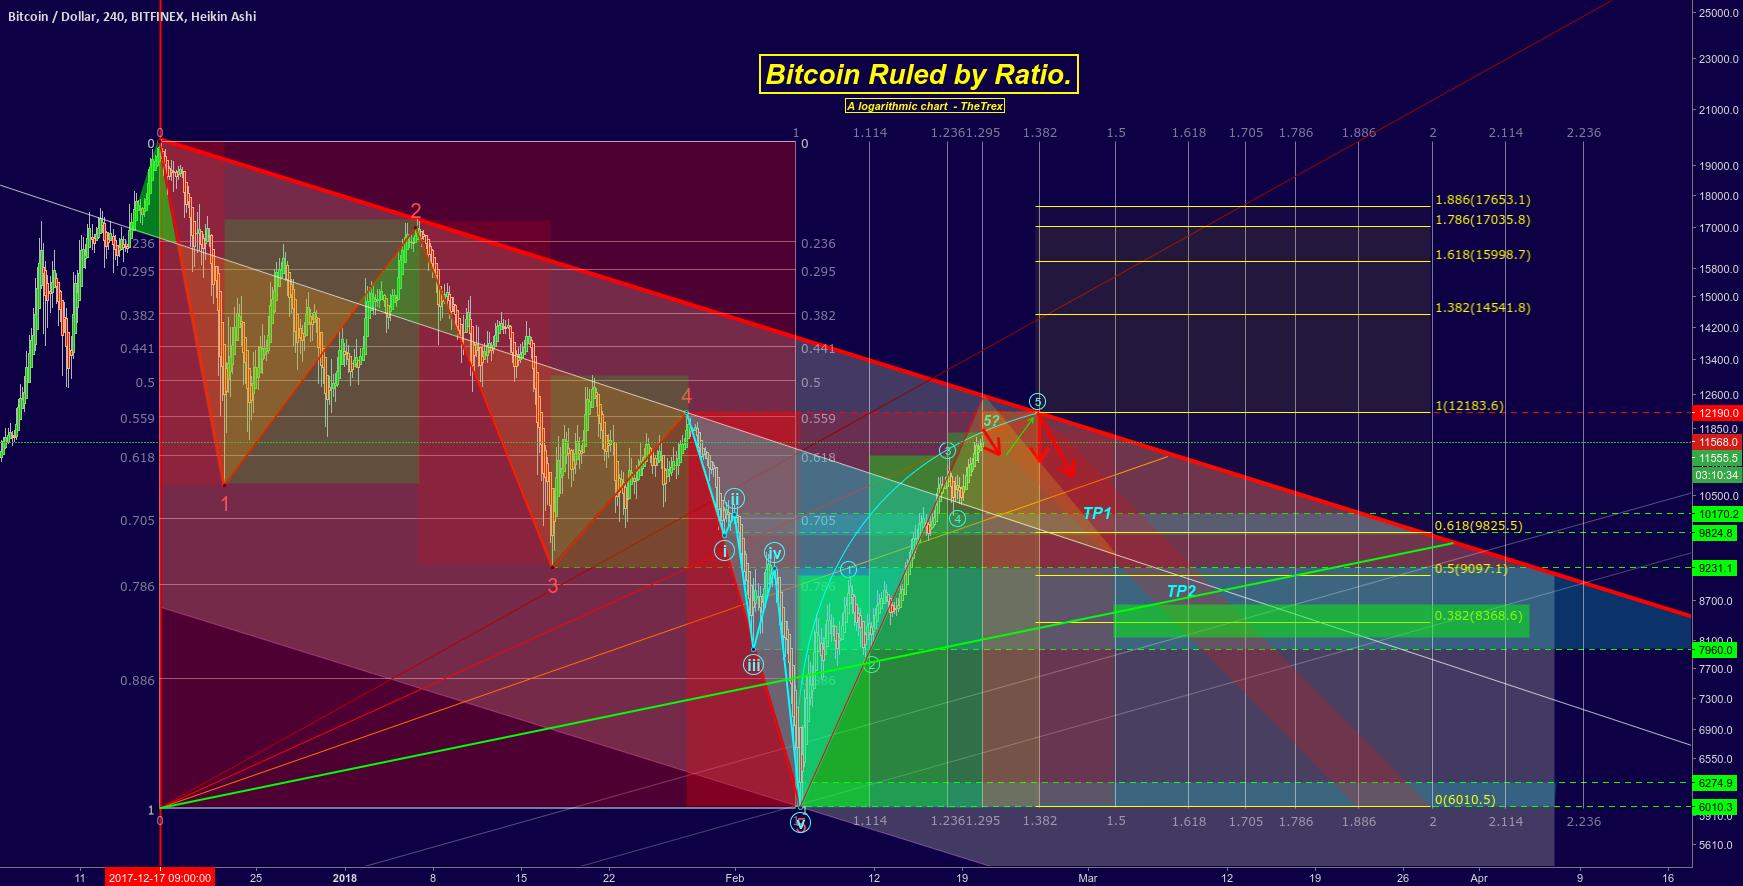 Bitcoin - Ruled by Ratio!